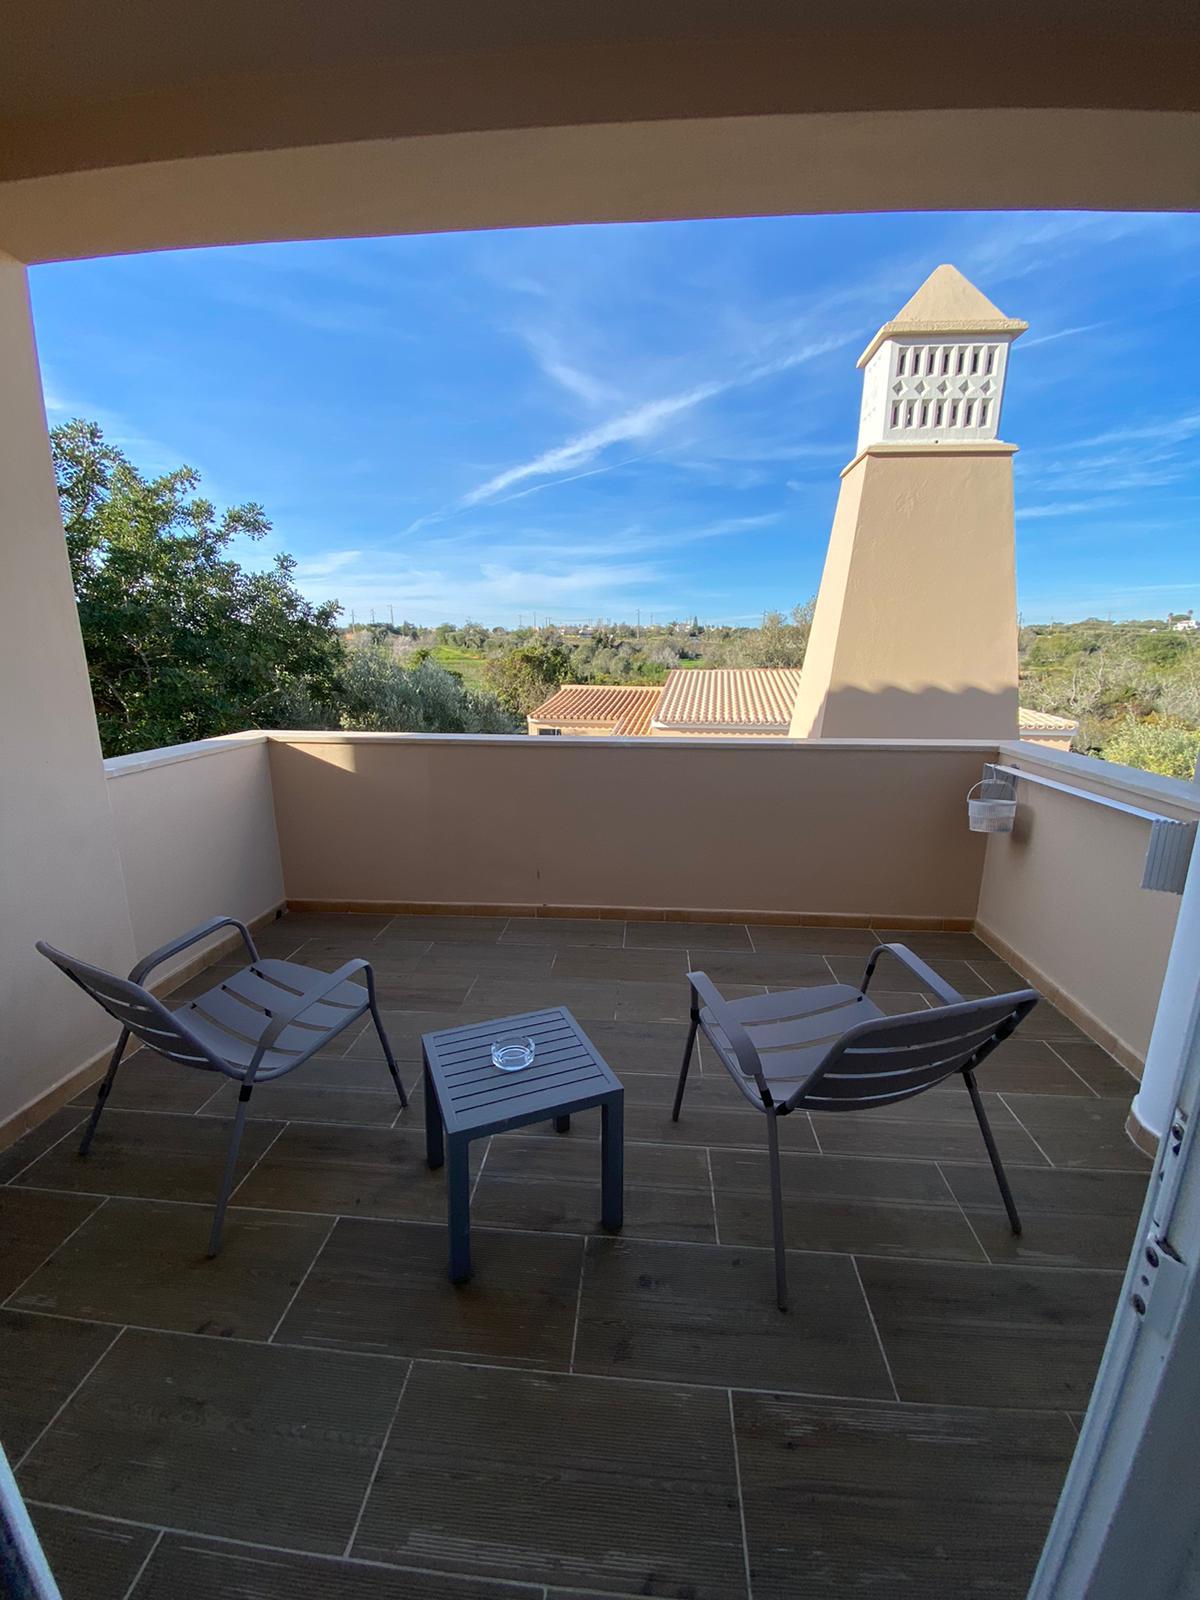 Location appartements et villas de vacance, Villa L'Estaque , chambres d'hôtes à Armação de Pêra, Portugal Algarve, REF_IMG_15648_15656